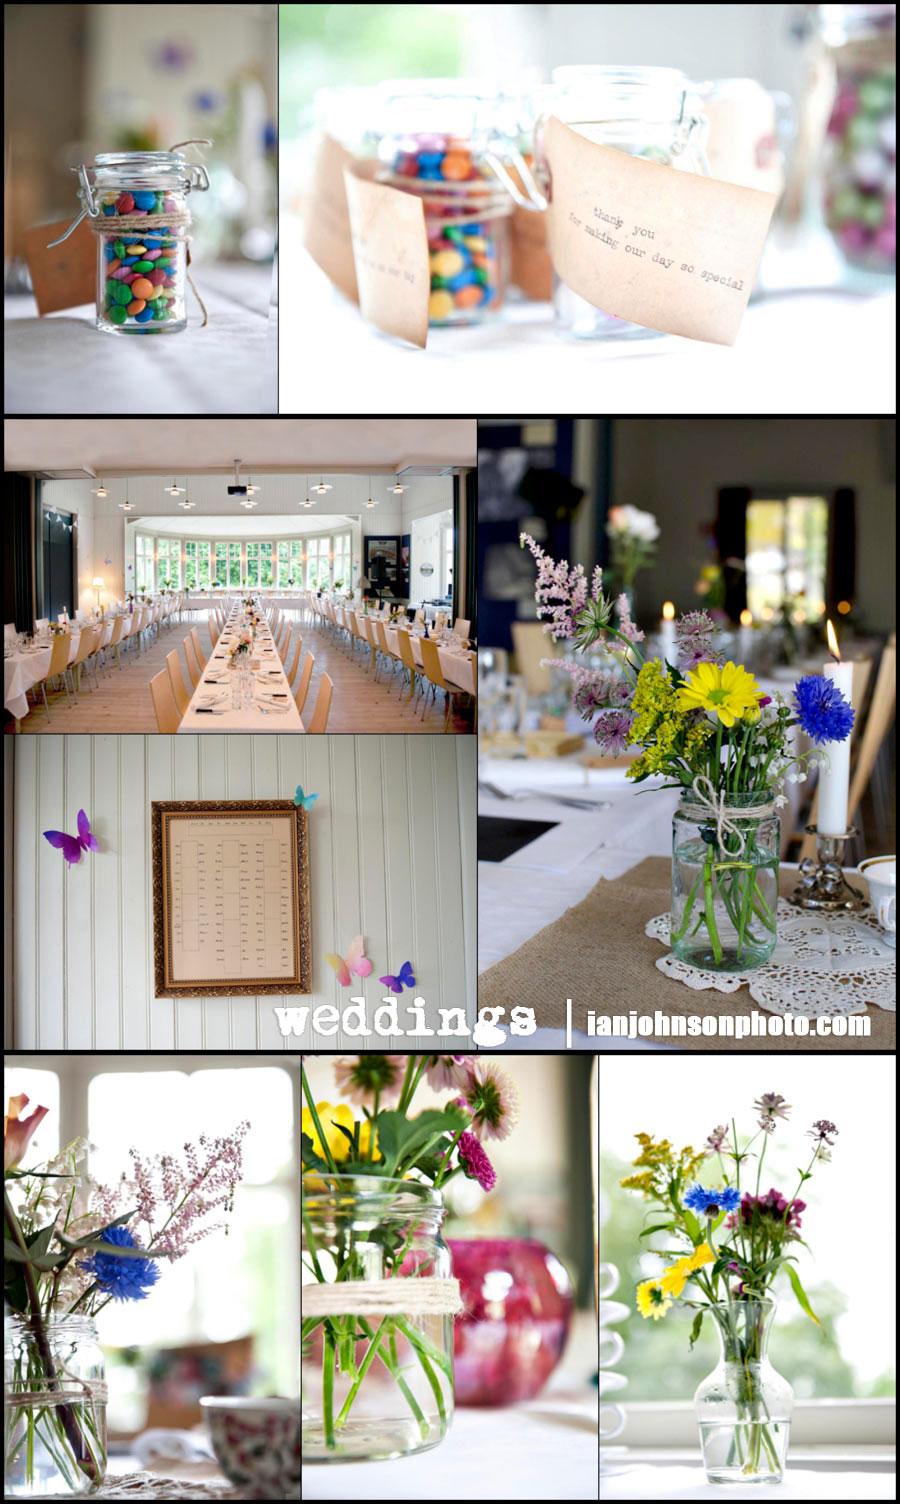 snygga detaljer på bröllopsfoton